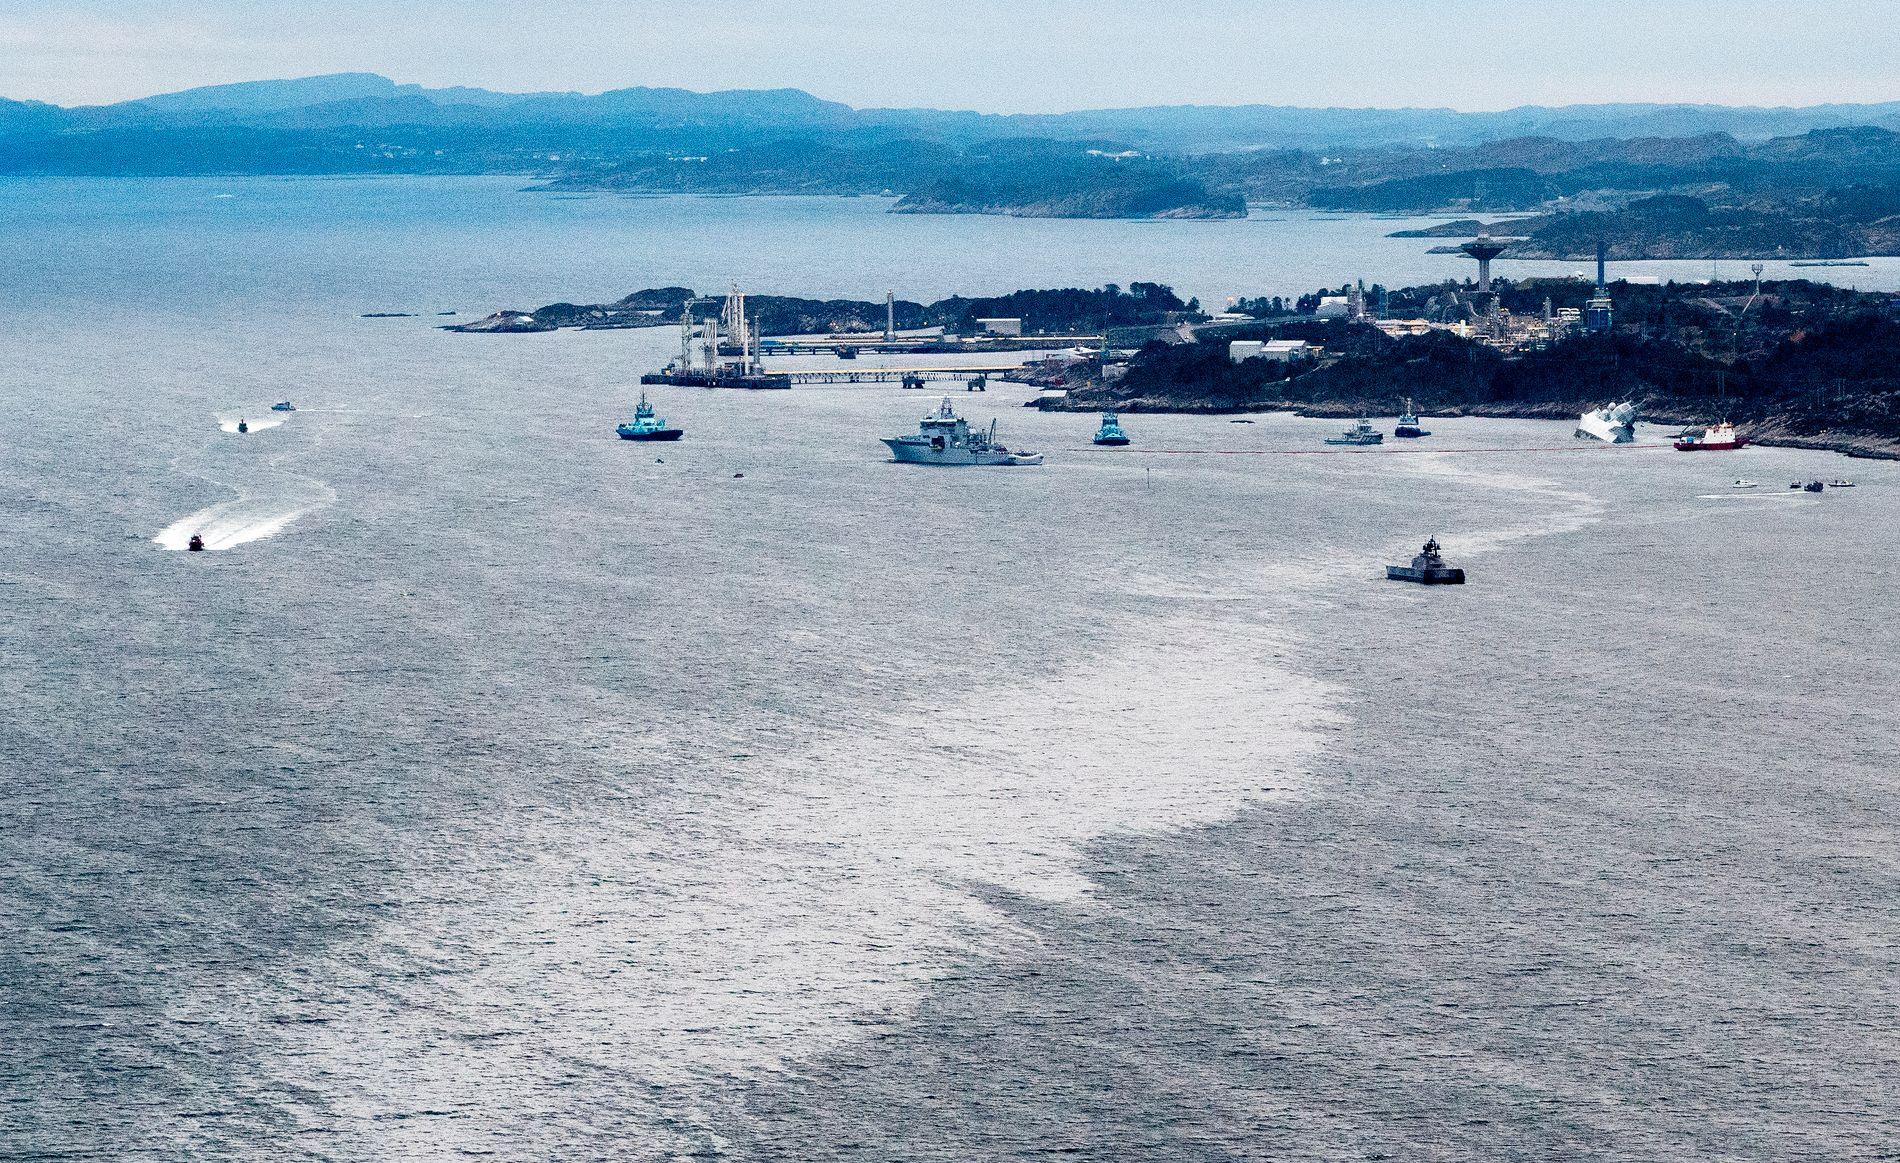 AVVISER: Advokaten som representerer tankskipsrederiet og deres assuranseselskap mener at fregatten KNM «Helge Ingstad» har all skyld i skipskollisjonen.